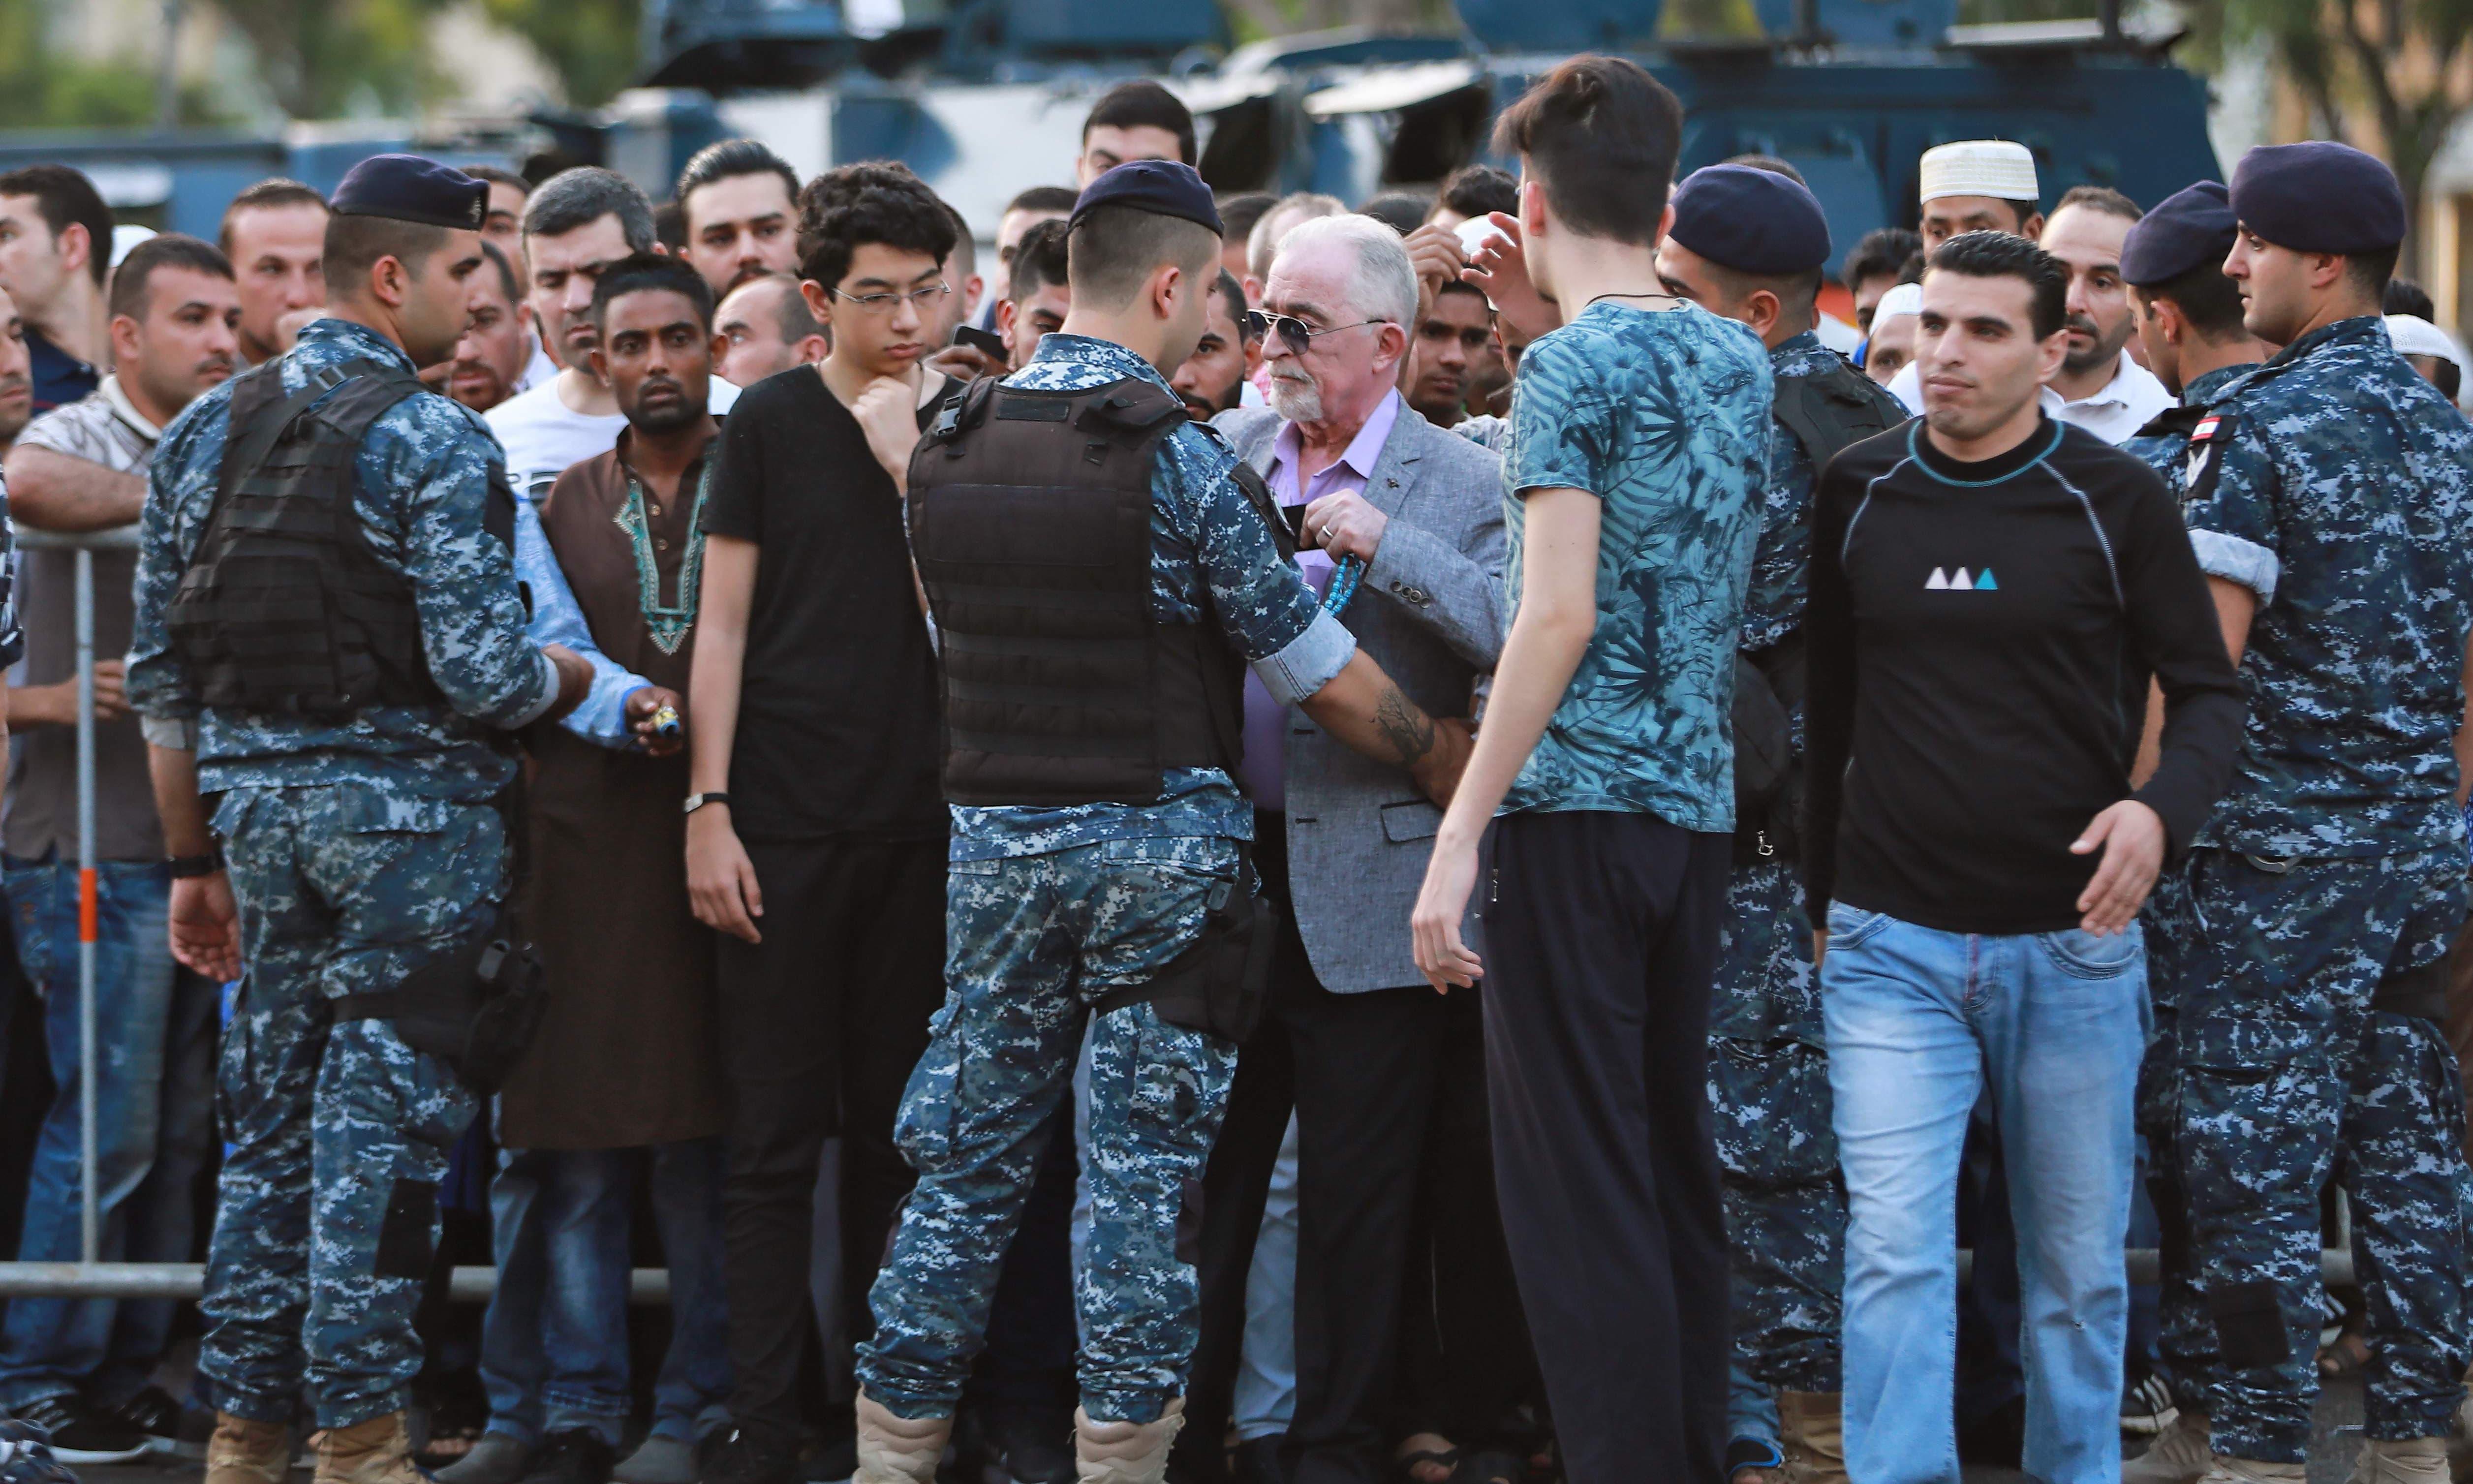 لبنان میں عید کی نماز کے موقع پر سیکیورٹی کے سخت انتظامات دیکھنے کو ملے —فوٹو/ اے ایف پی